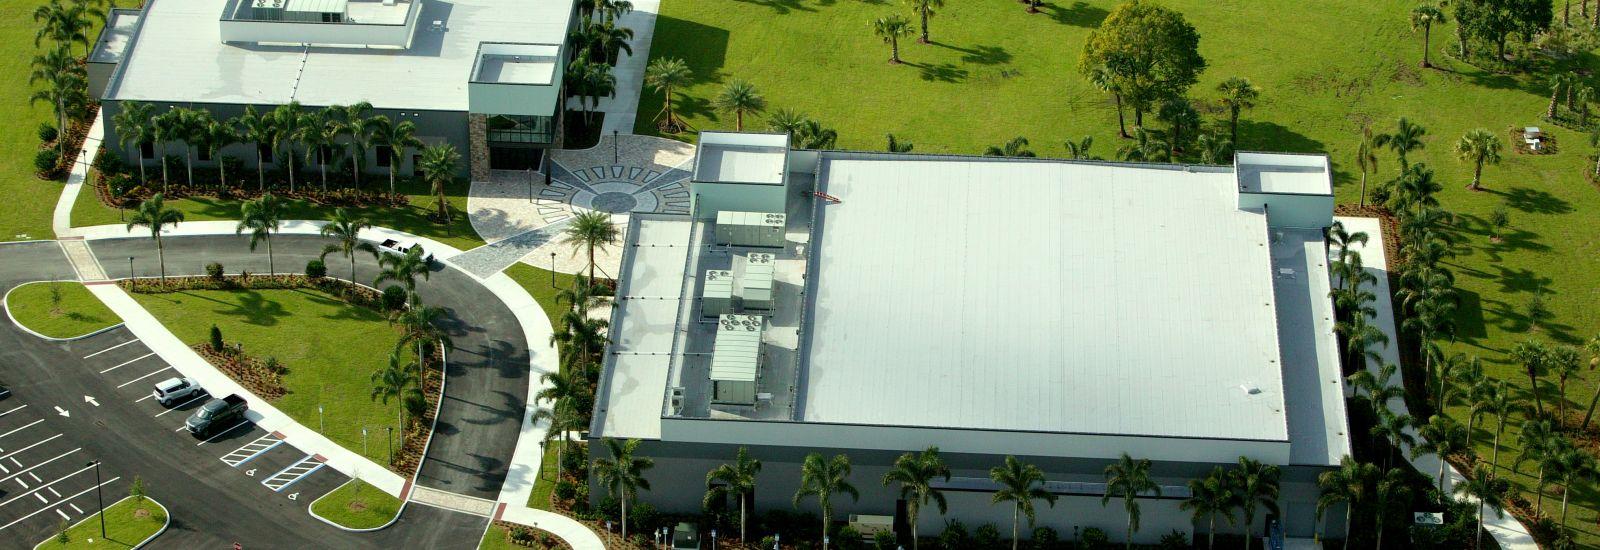 Leak Repair Commercial Latite Roofing